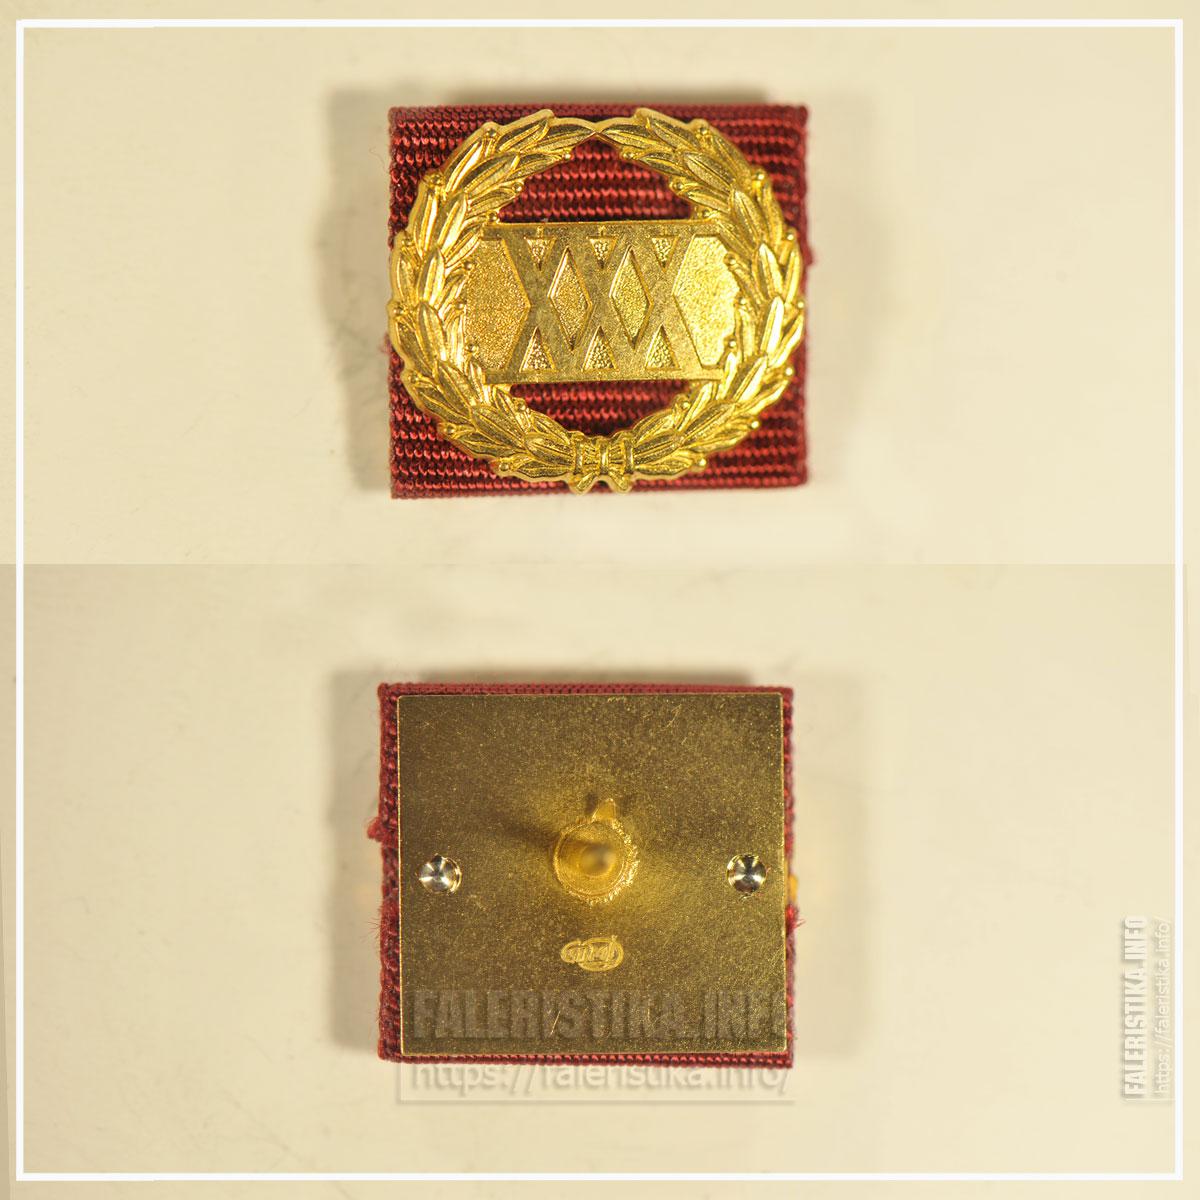 Знак отличия «За безупречную службу» XXX (лет) (для гражданских служащих). Миниатюрная копия знака (фрачник). Санкт-Петербургский монетный двор